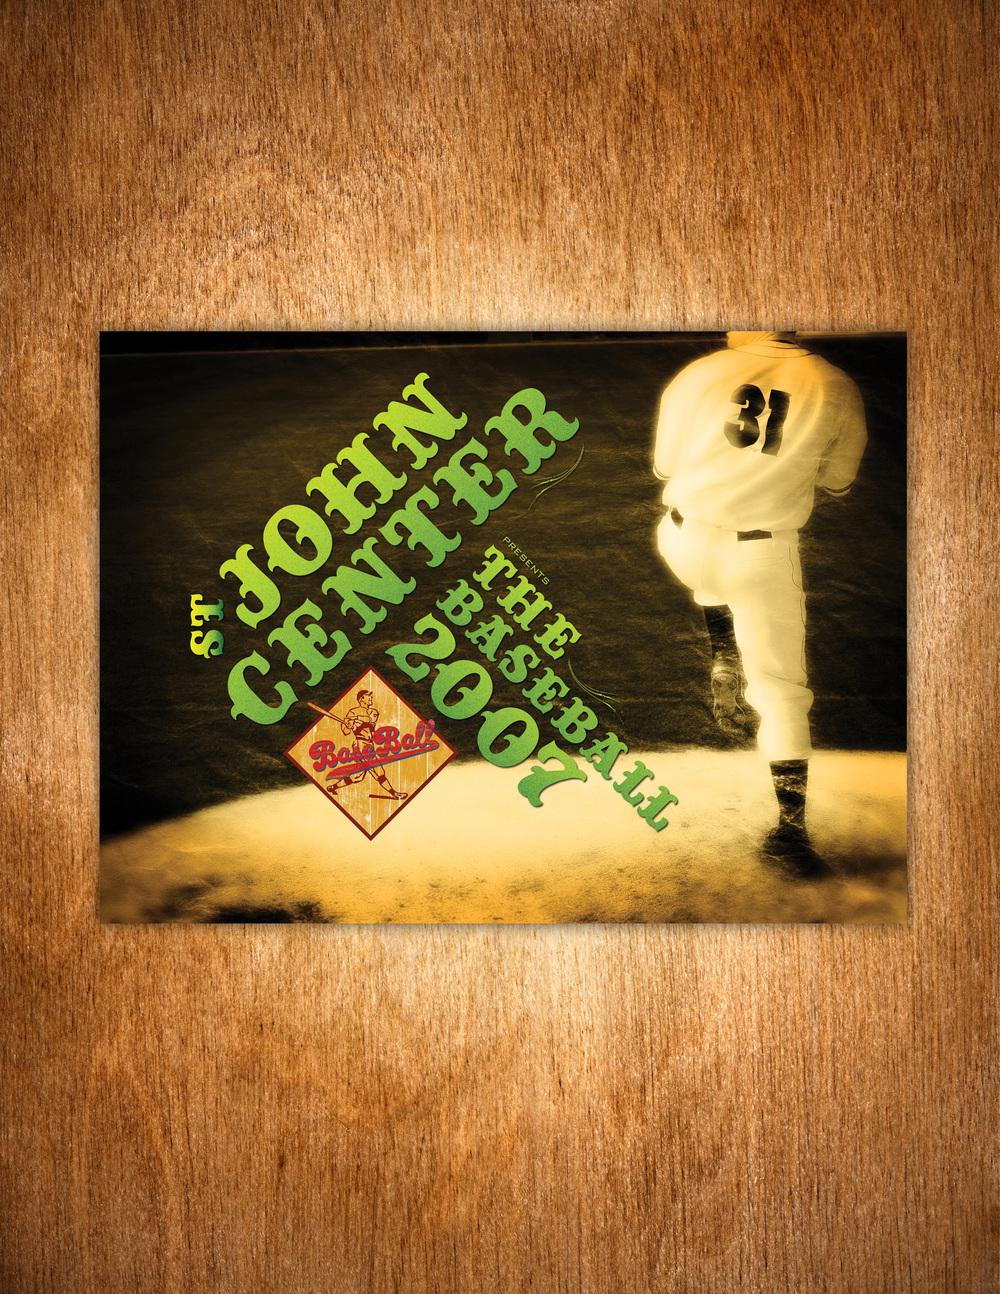 St. John Center: The Baseball